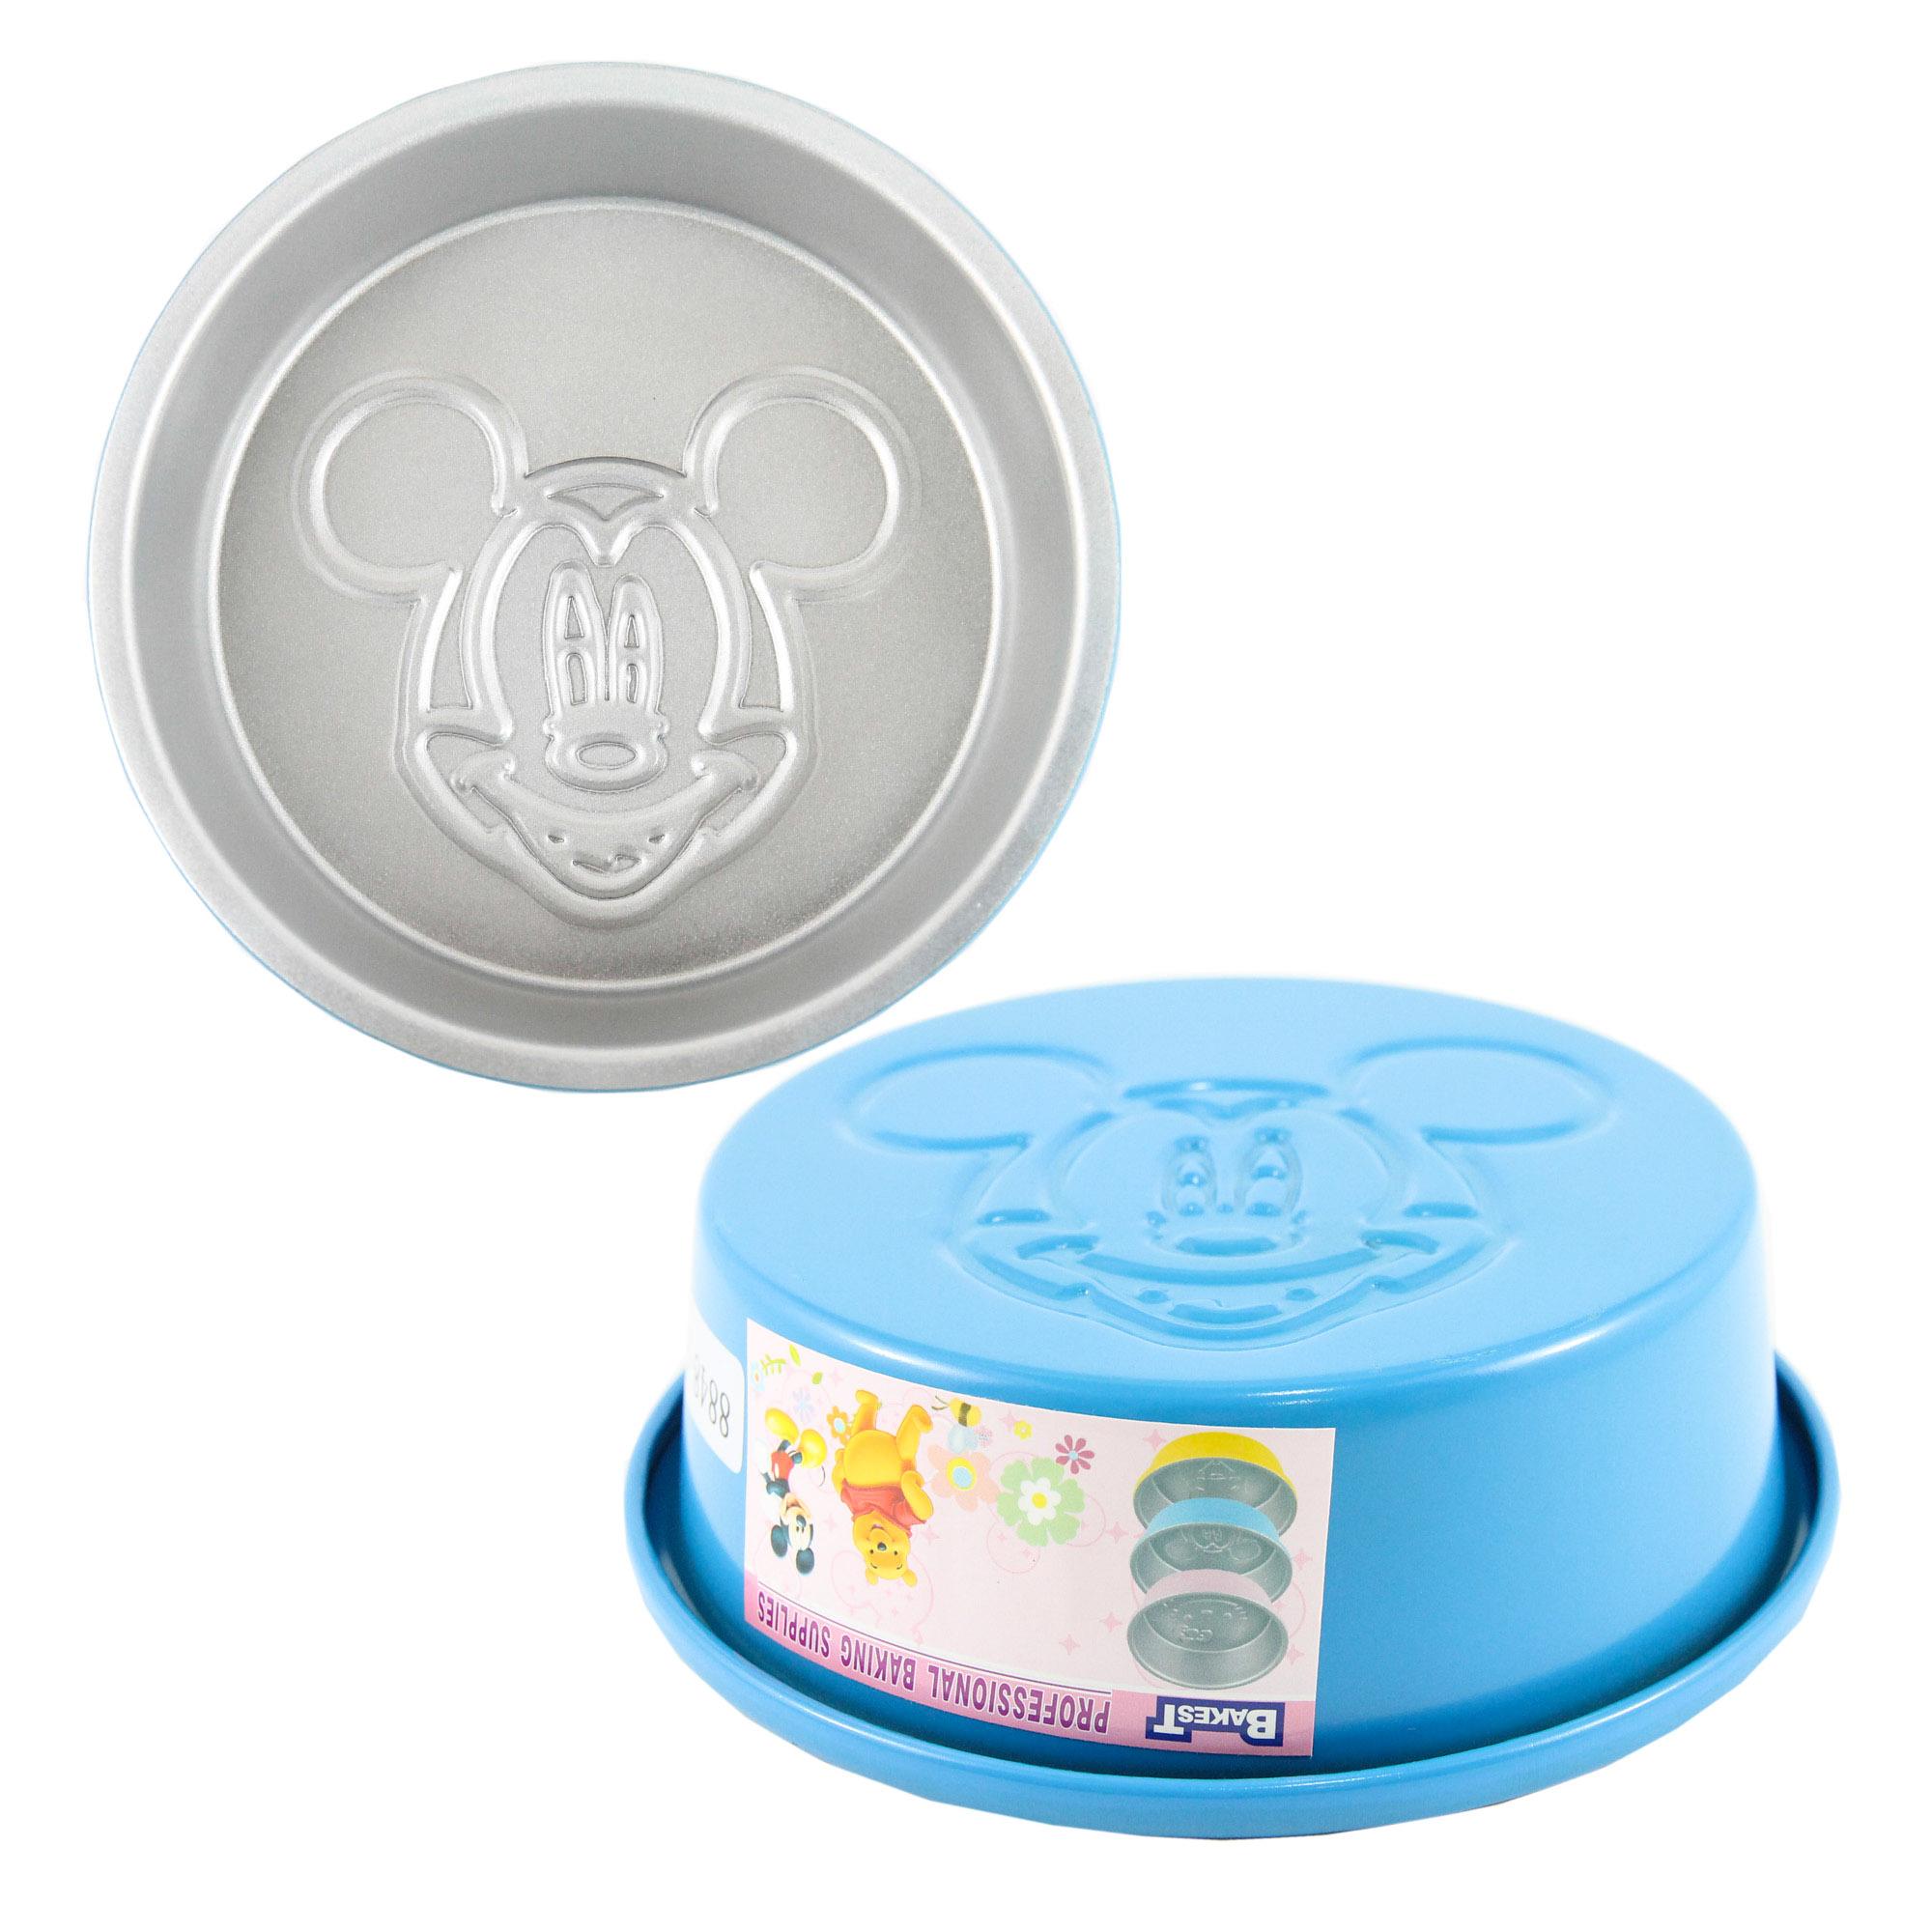 พิมพ์เค้กกลม สีฟ้า Micky Mouse